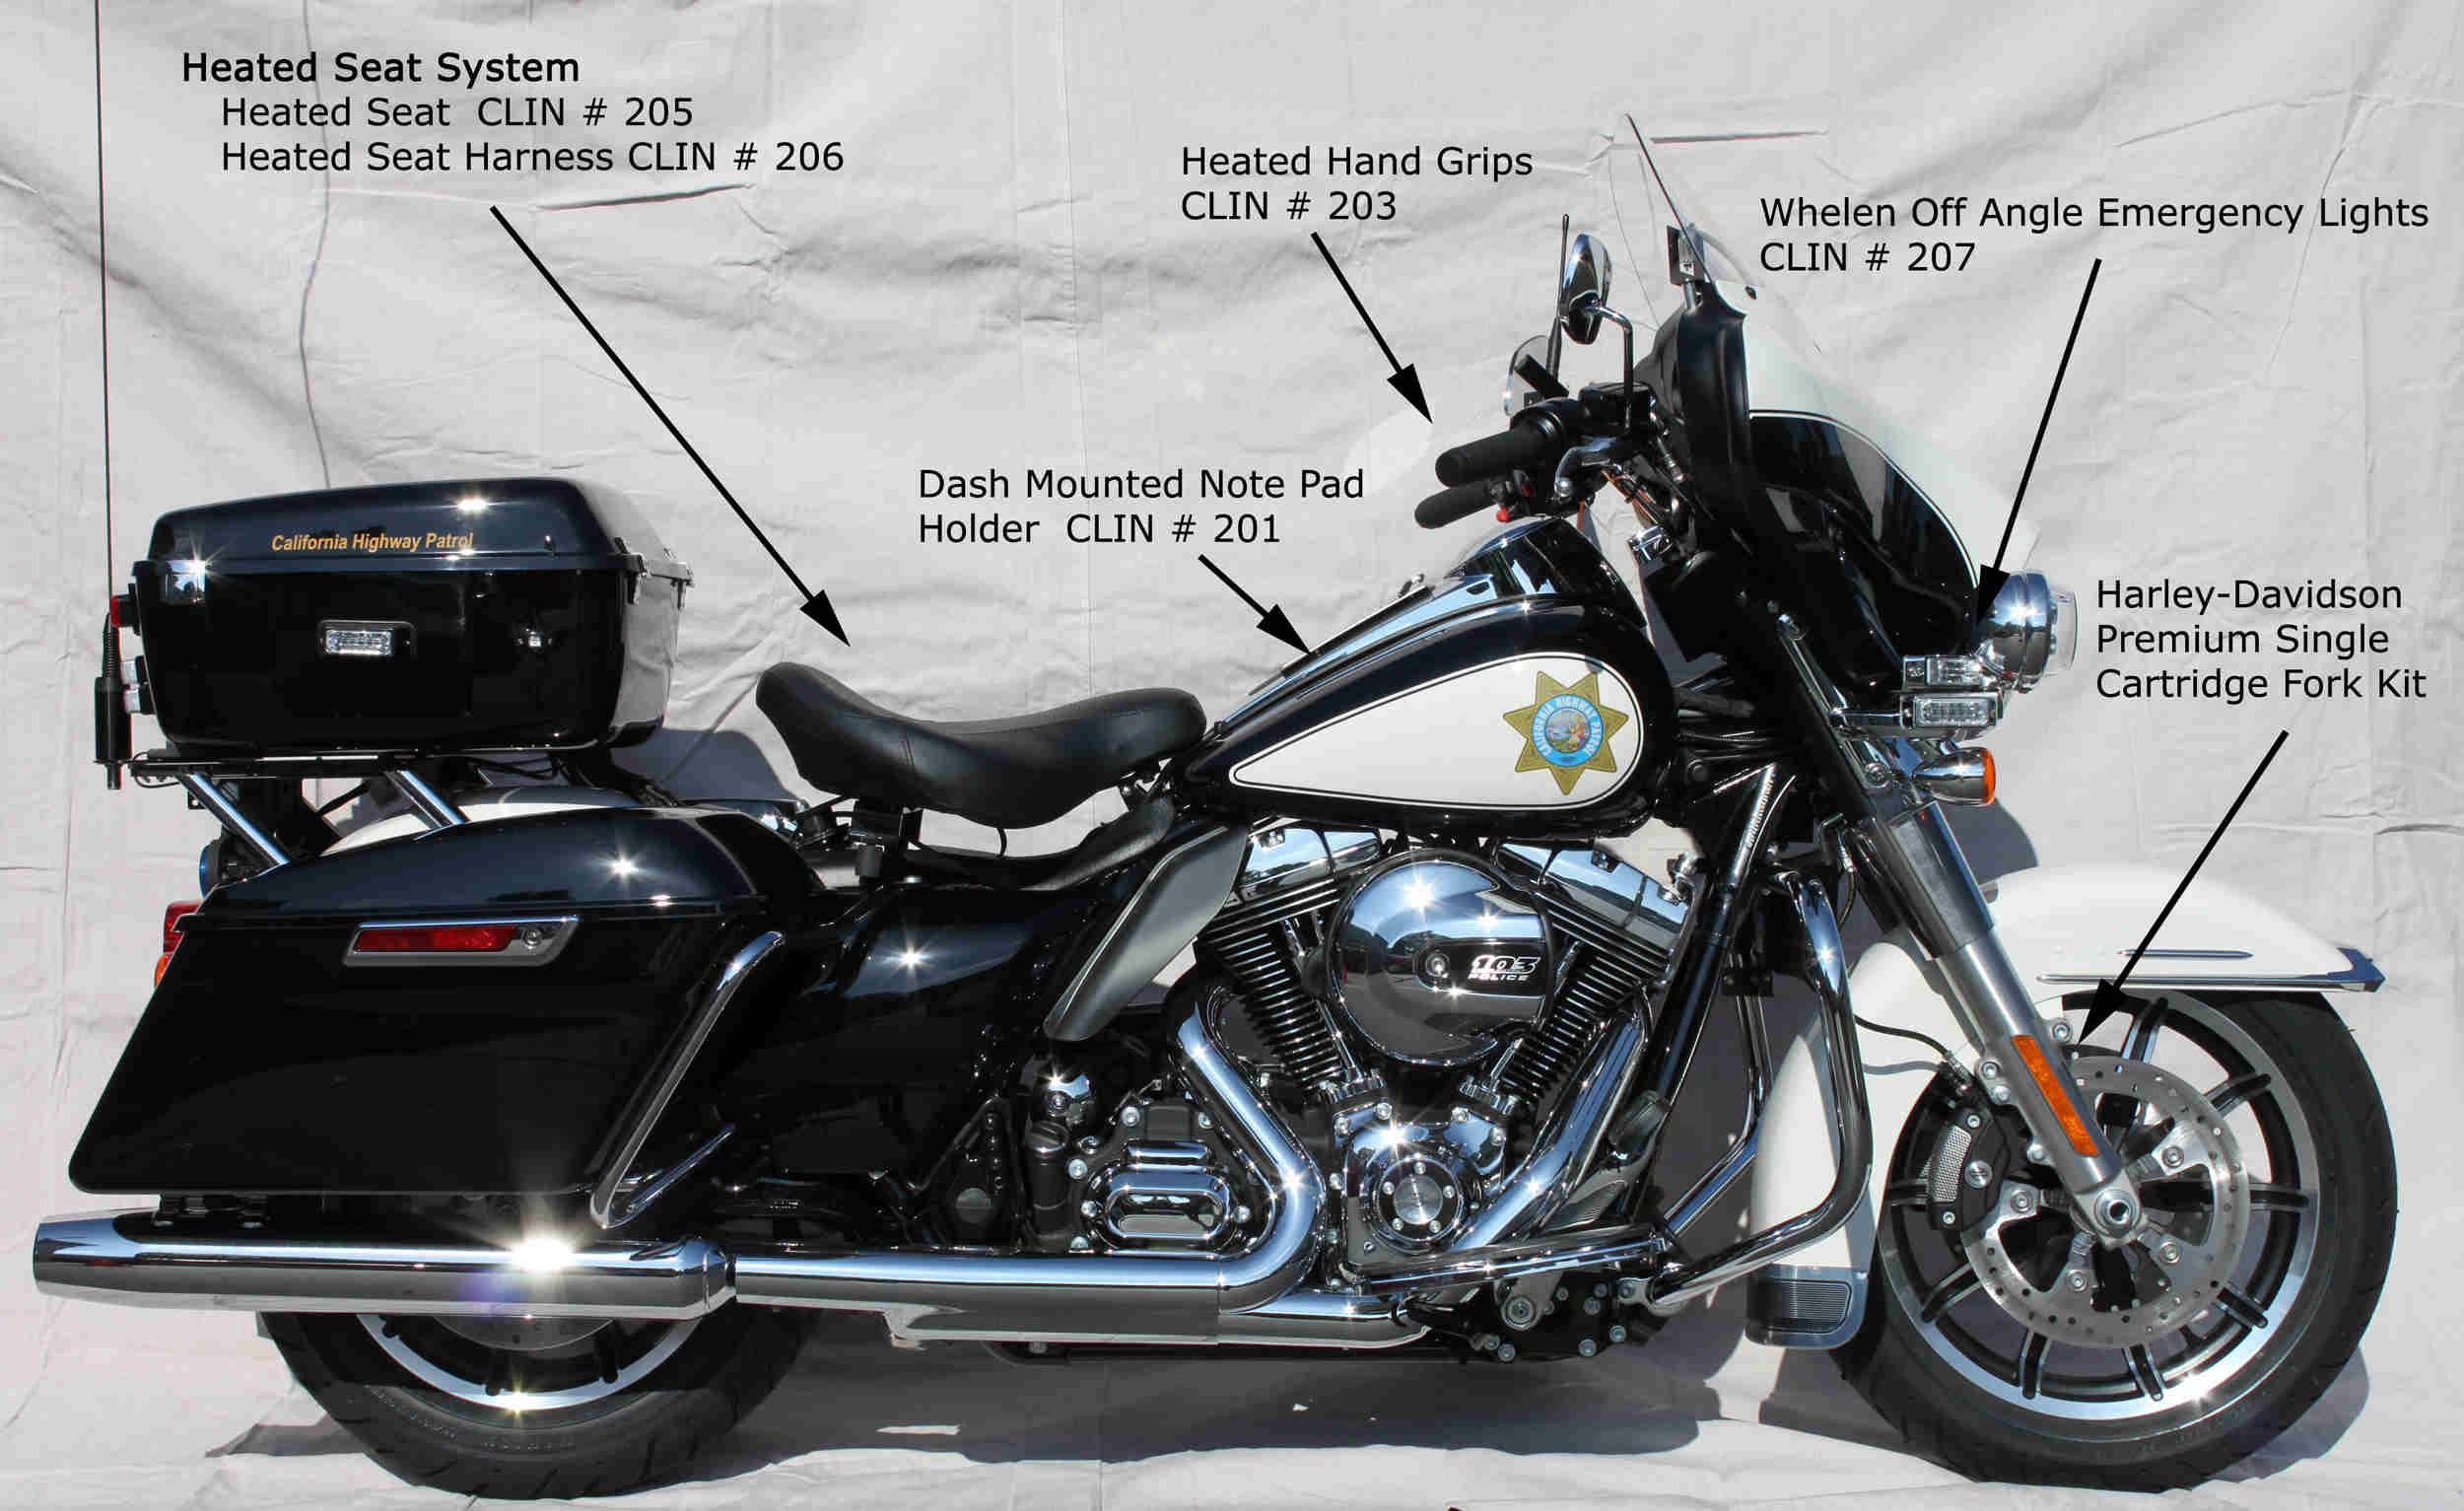 California Highway Patrol Harley 1/6 Img_5242